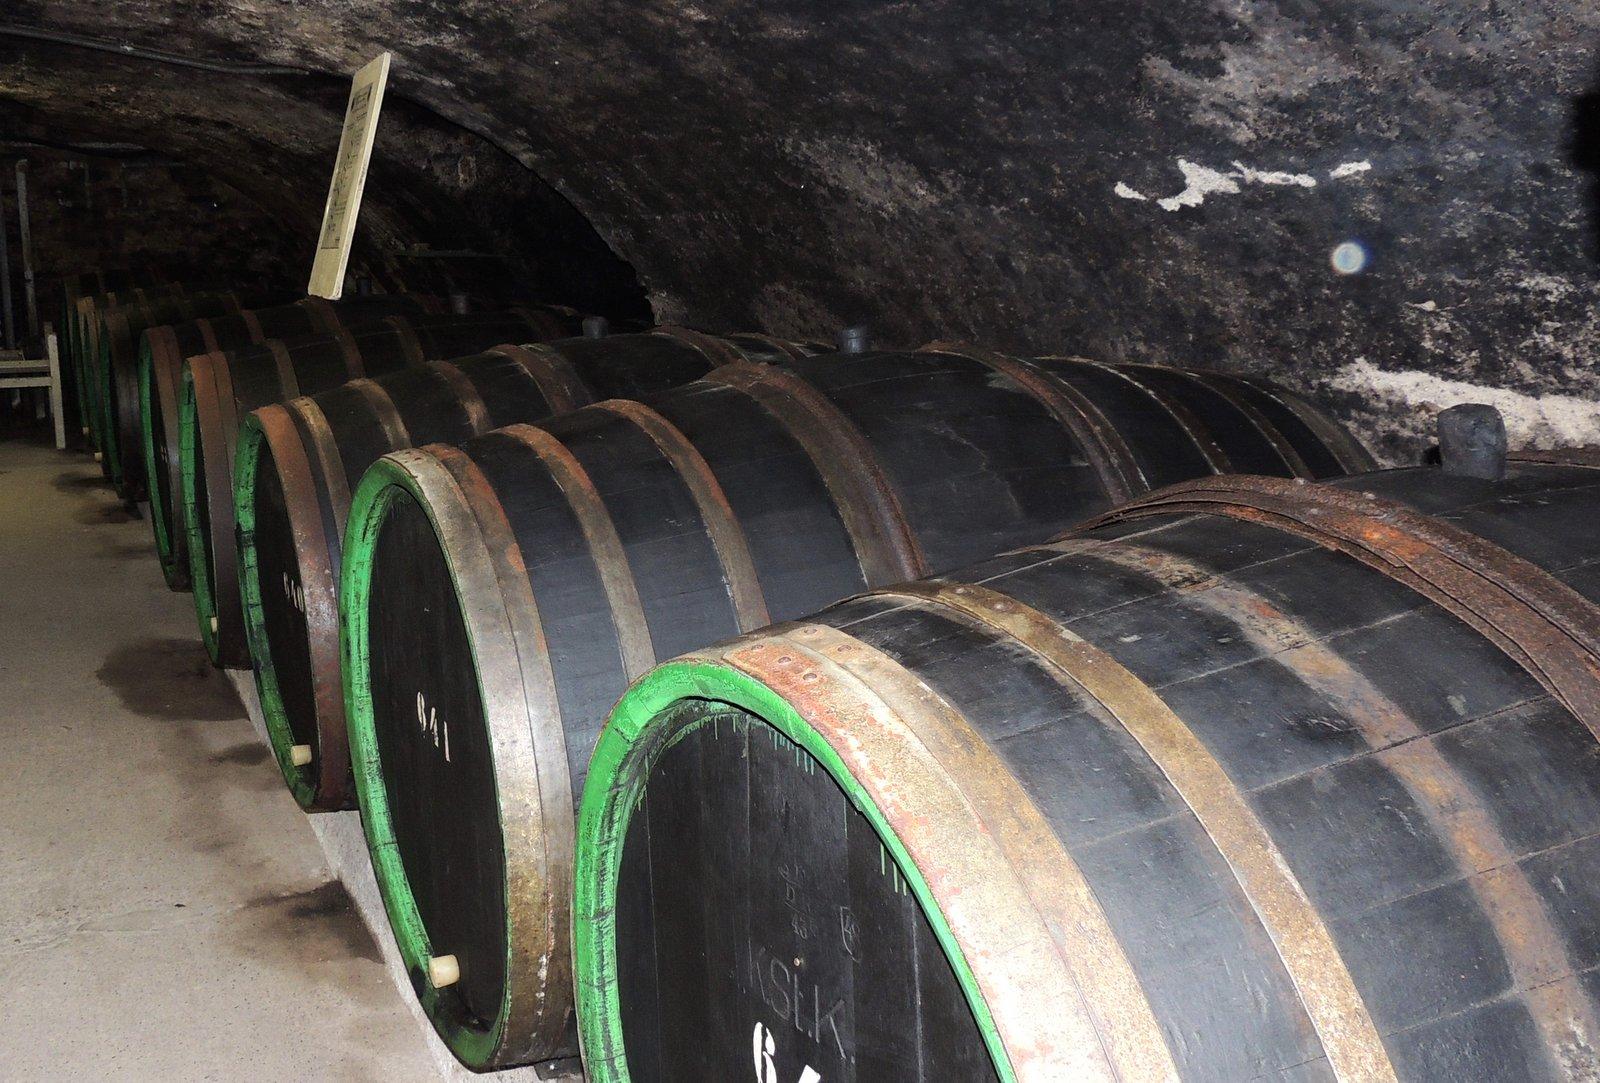 Weinkeller Hieronomi in Cochem